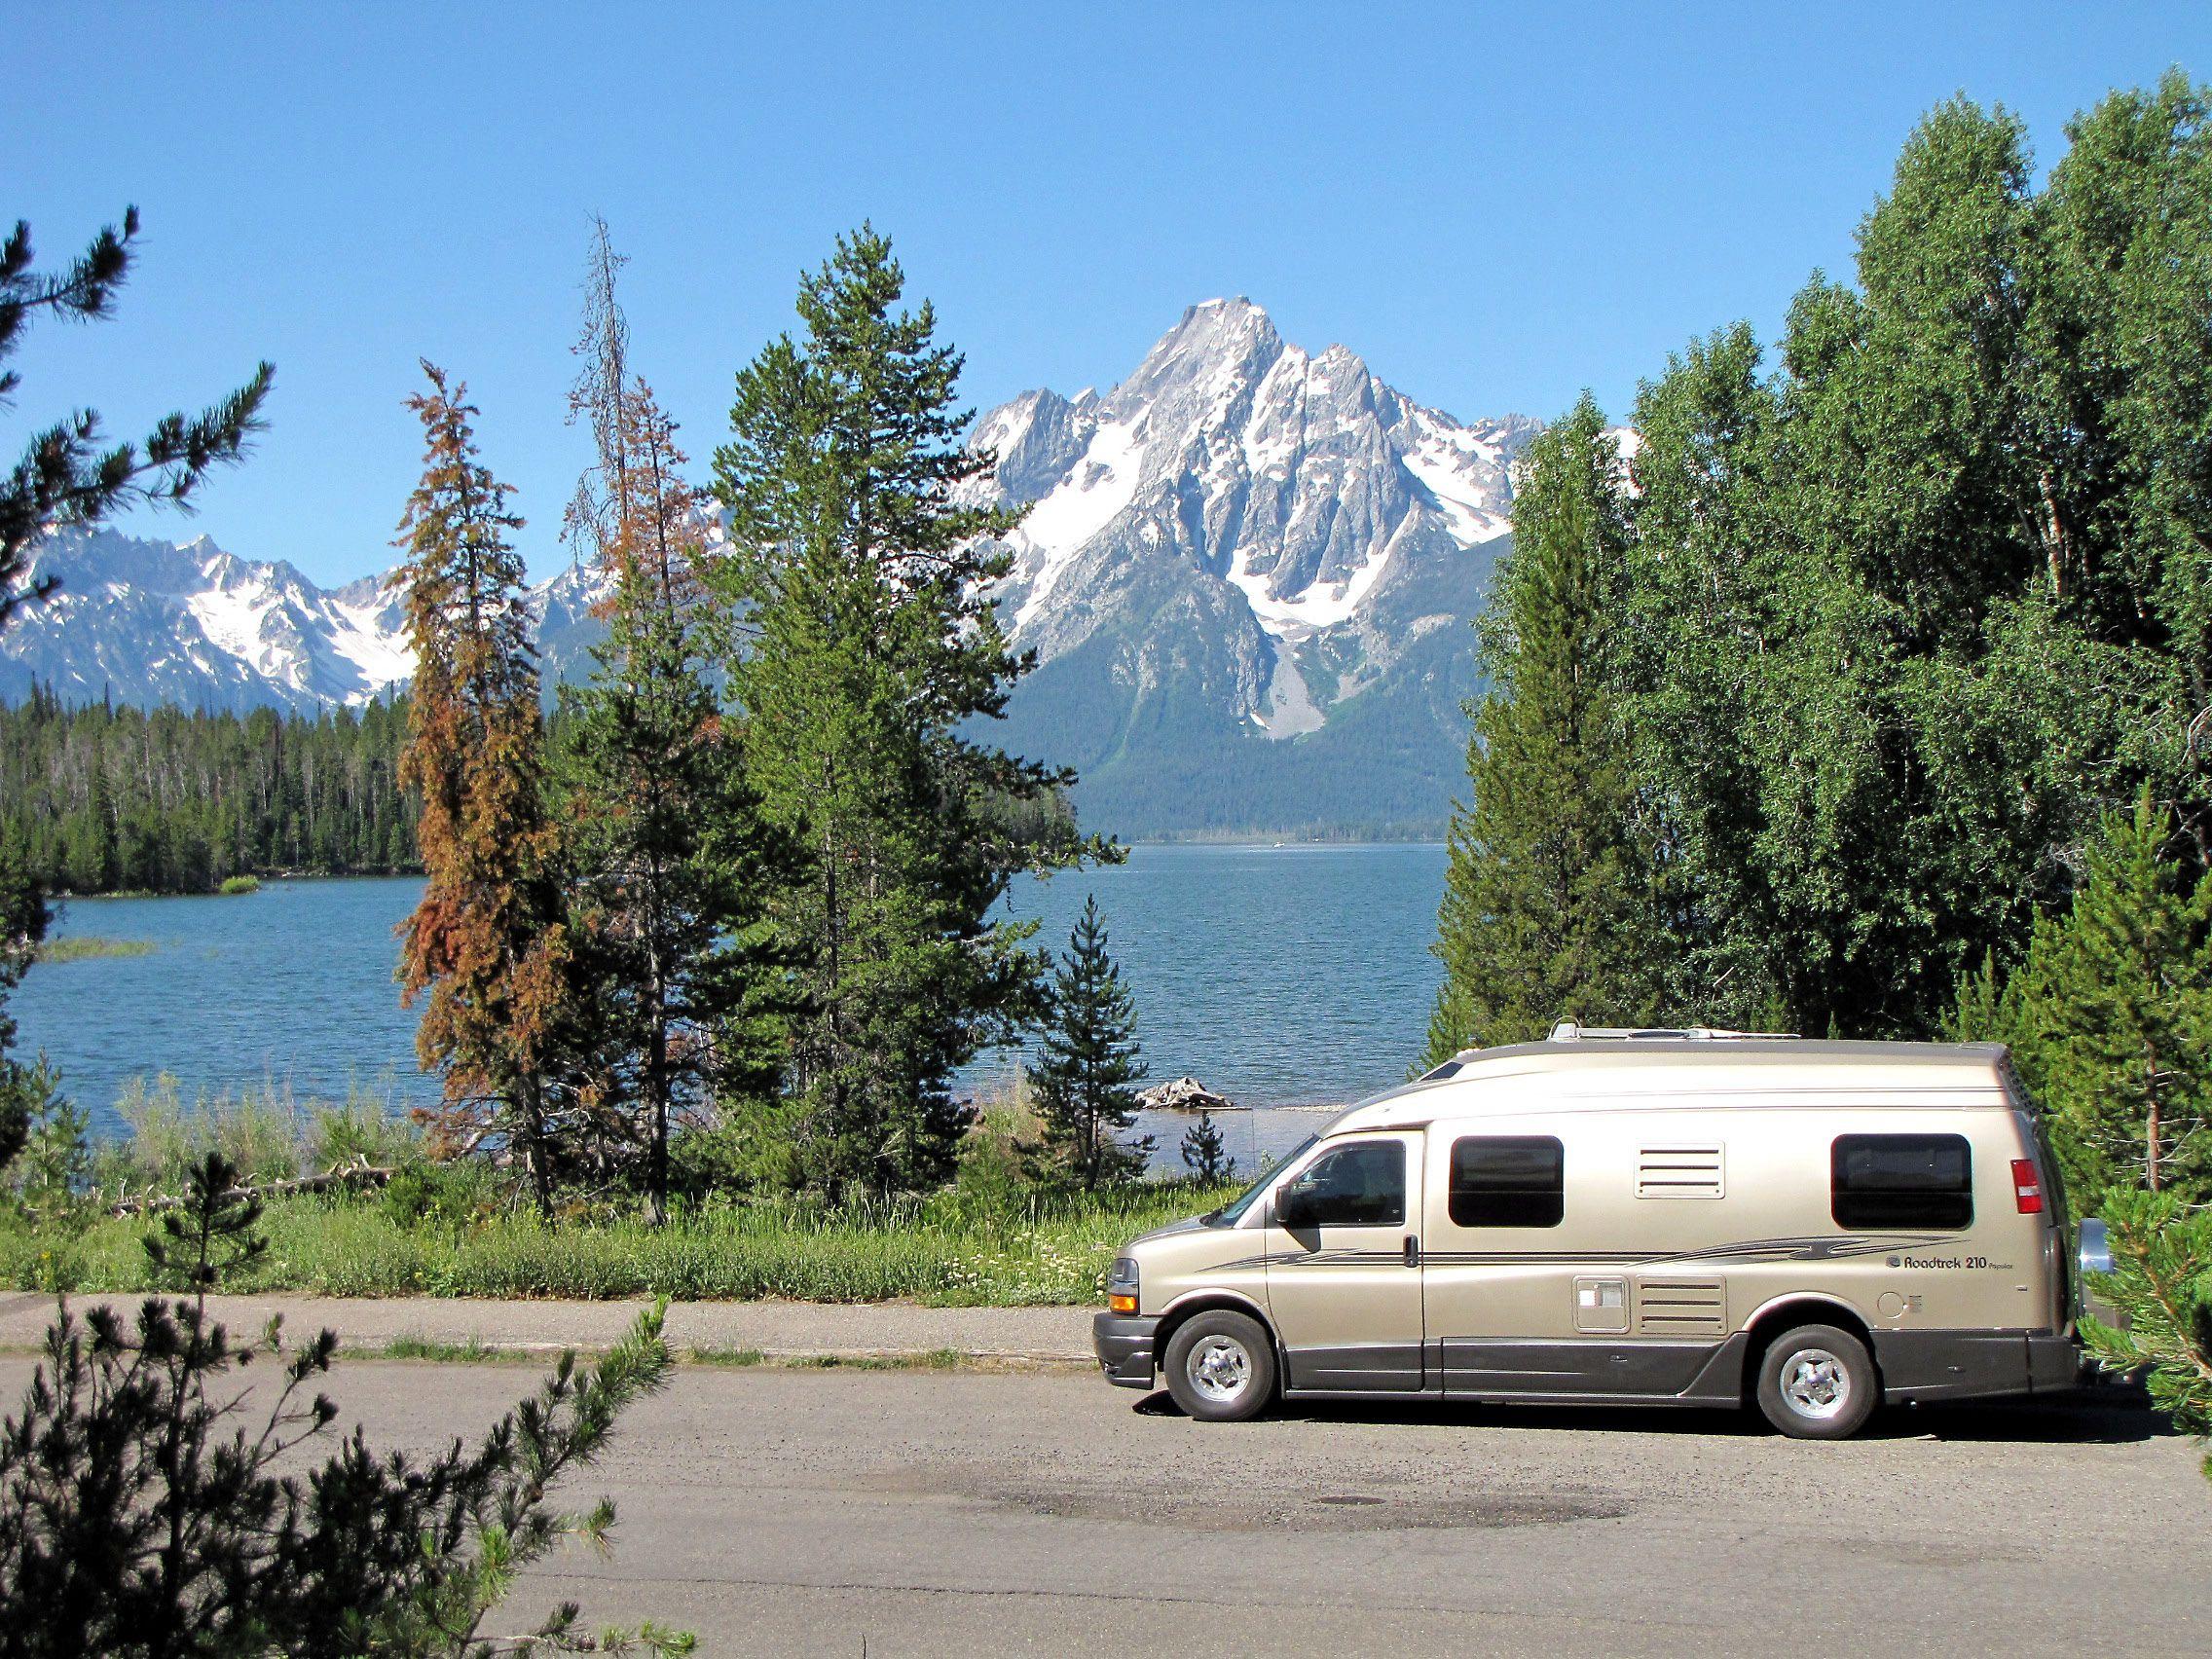 Roadtrek_210-Popular_class_B_motorhome-camper_van-by_Burch | Roadtrek, The  great outdoors, Camping glampingPinterest